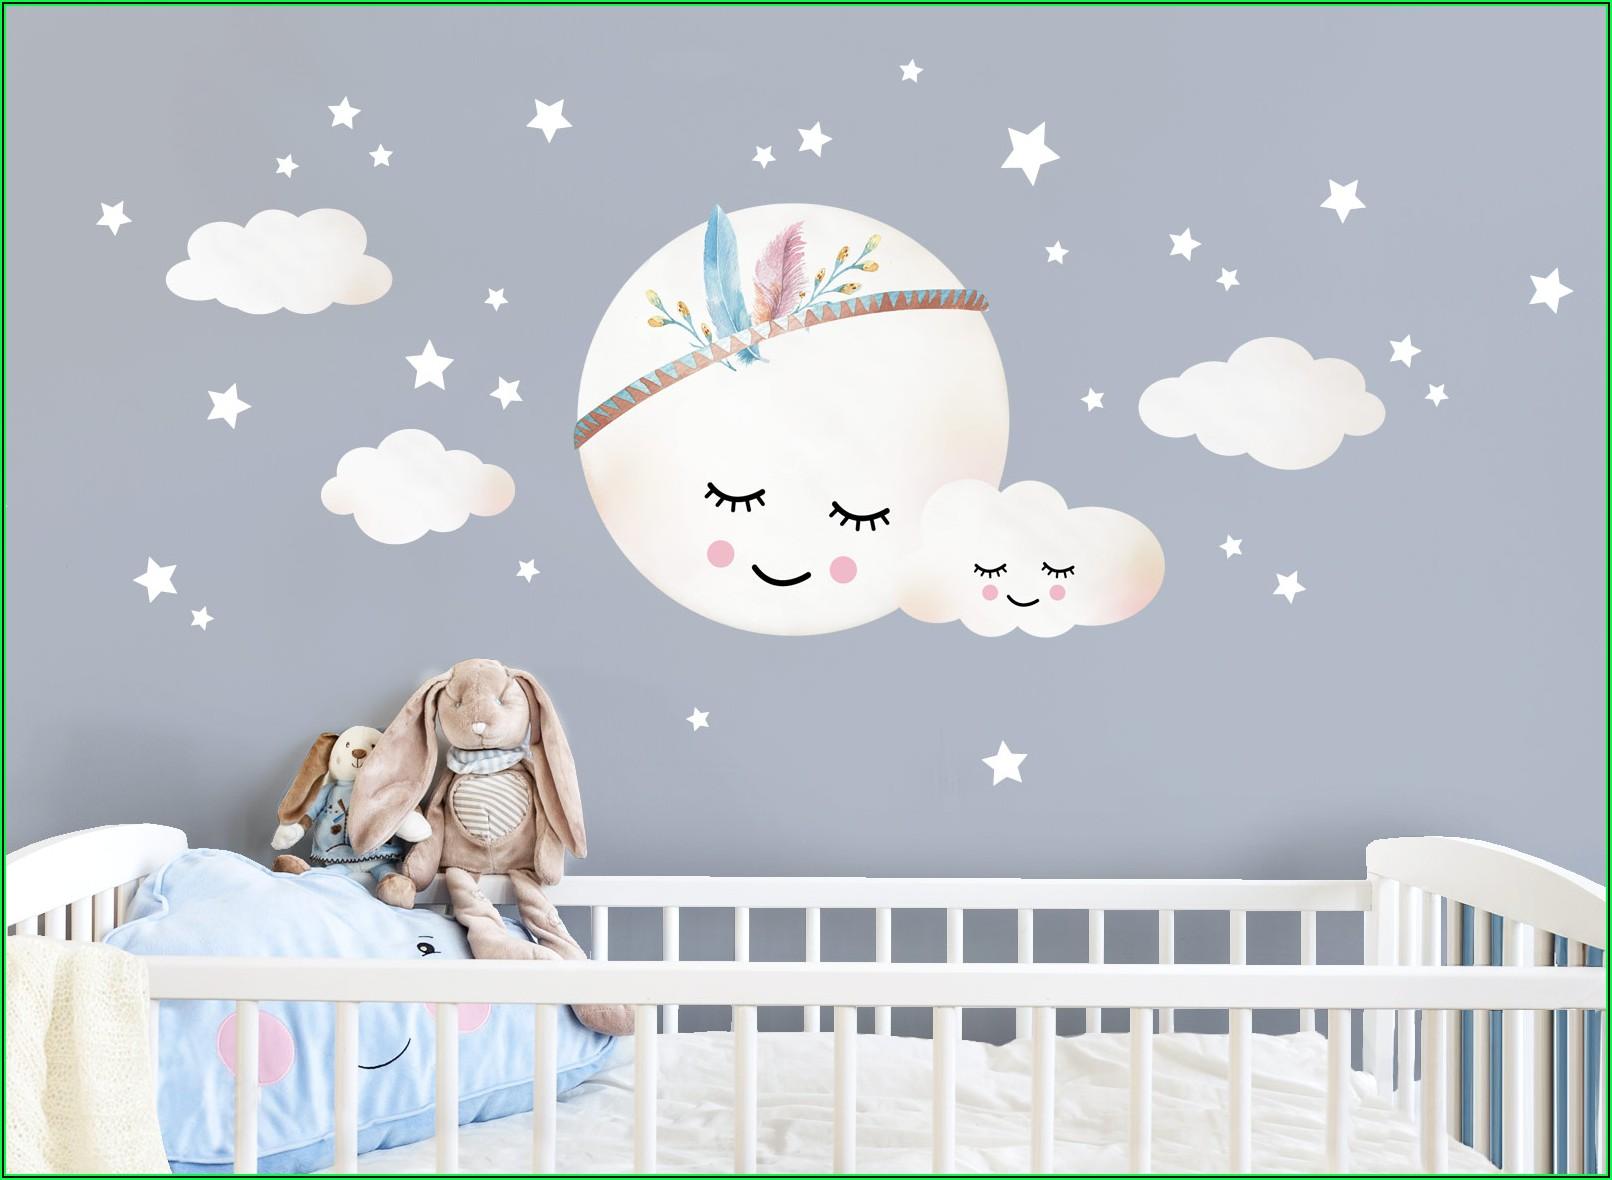 Wandtattoo Kinderzimmer Mond